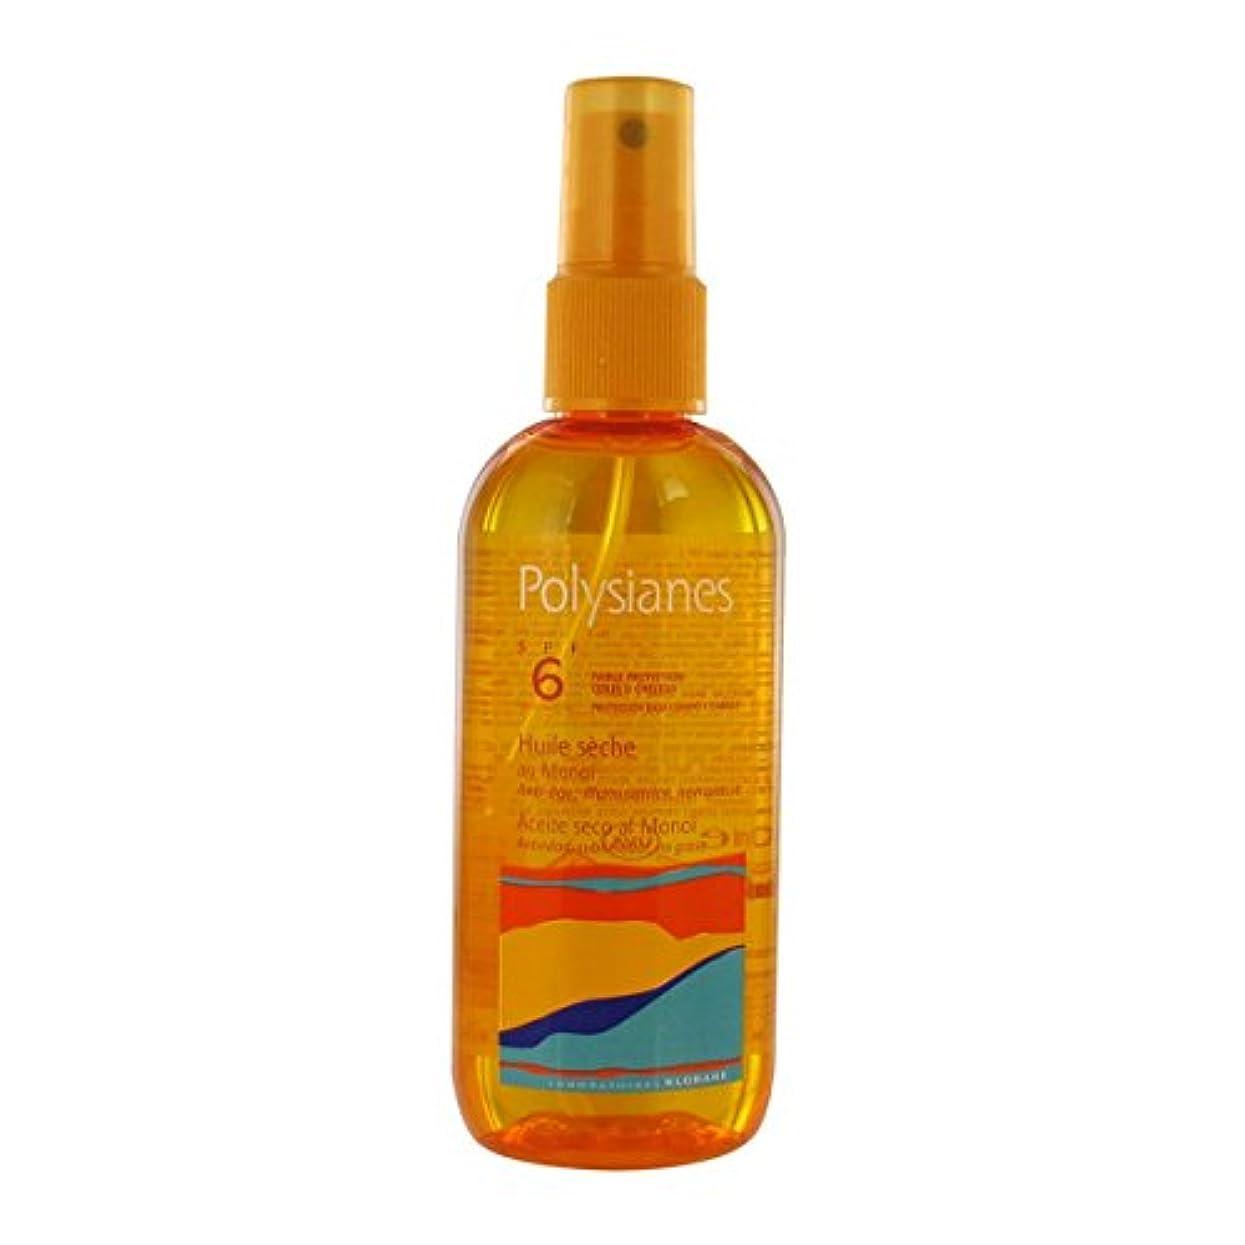 低下マウントバンクラグPolysianes Dry Oil With Mono Spf 6 150ml [並行輸入品]